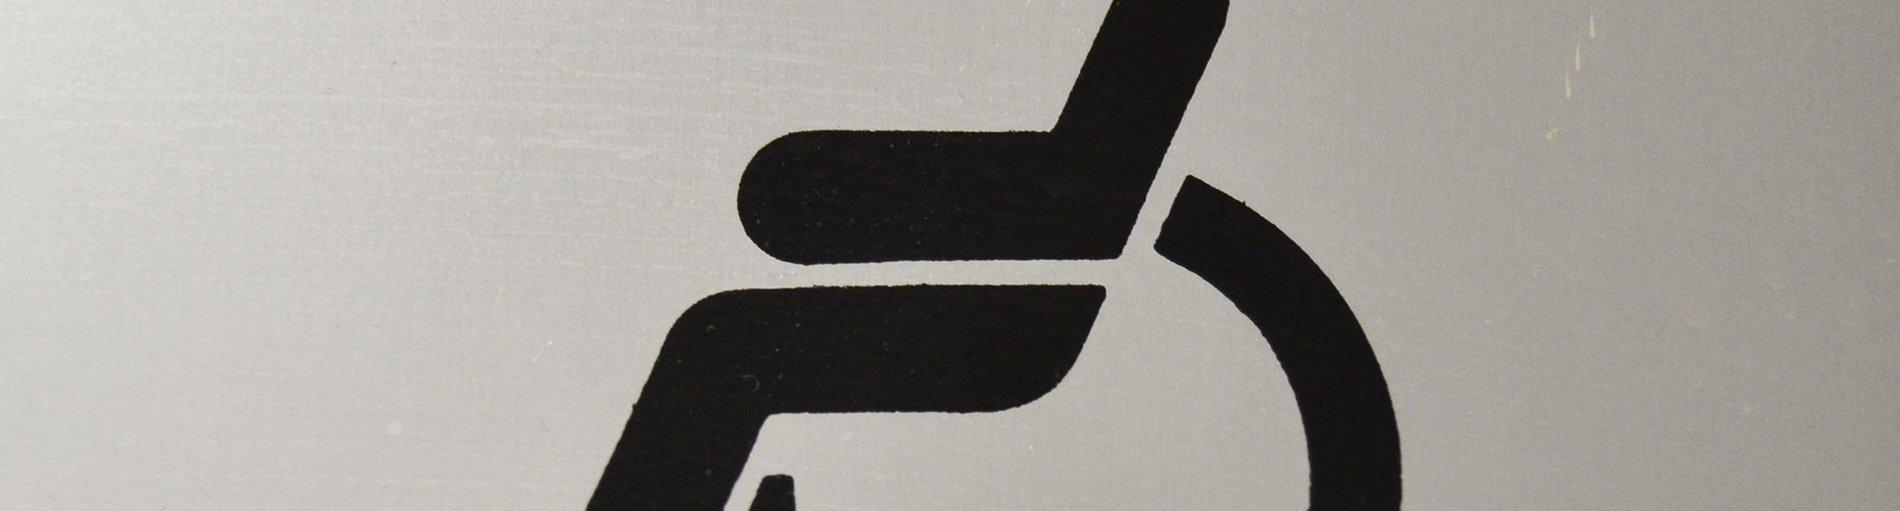 Türschild, symbolische Darstellung einer Person im Rollstuhl